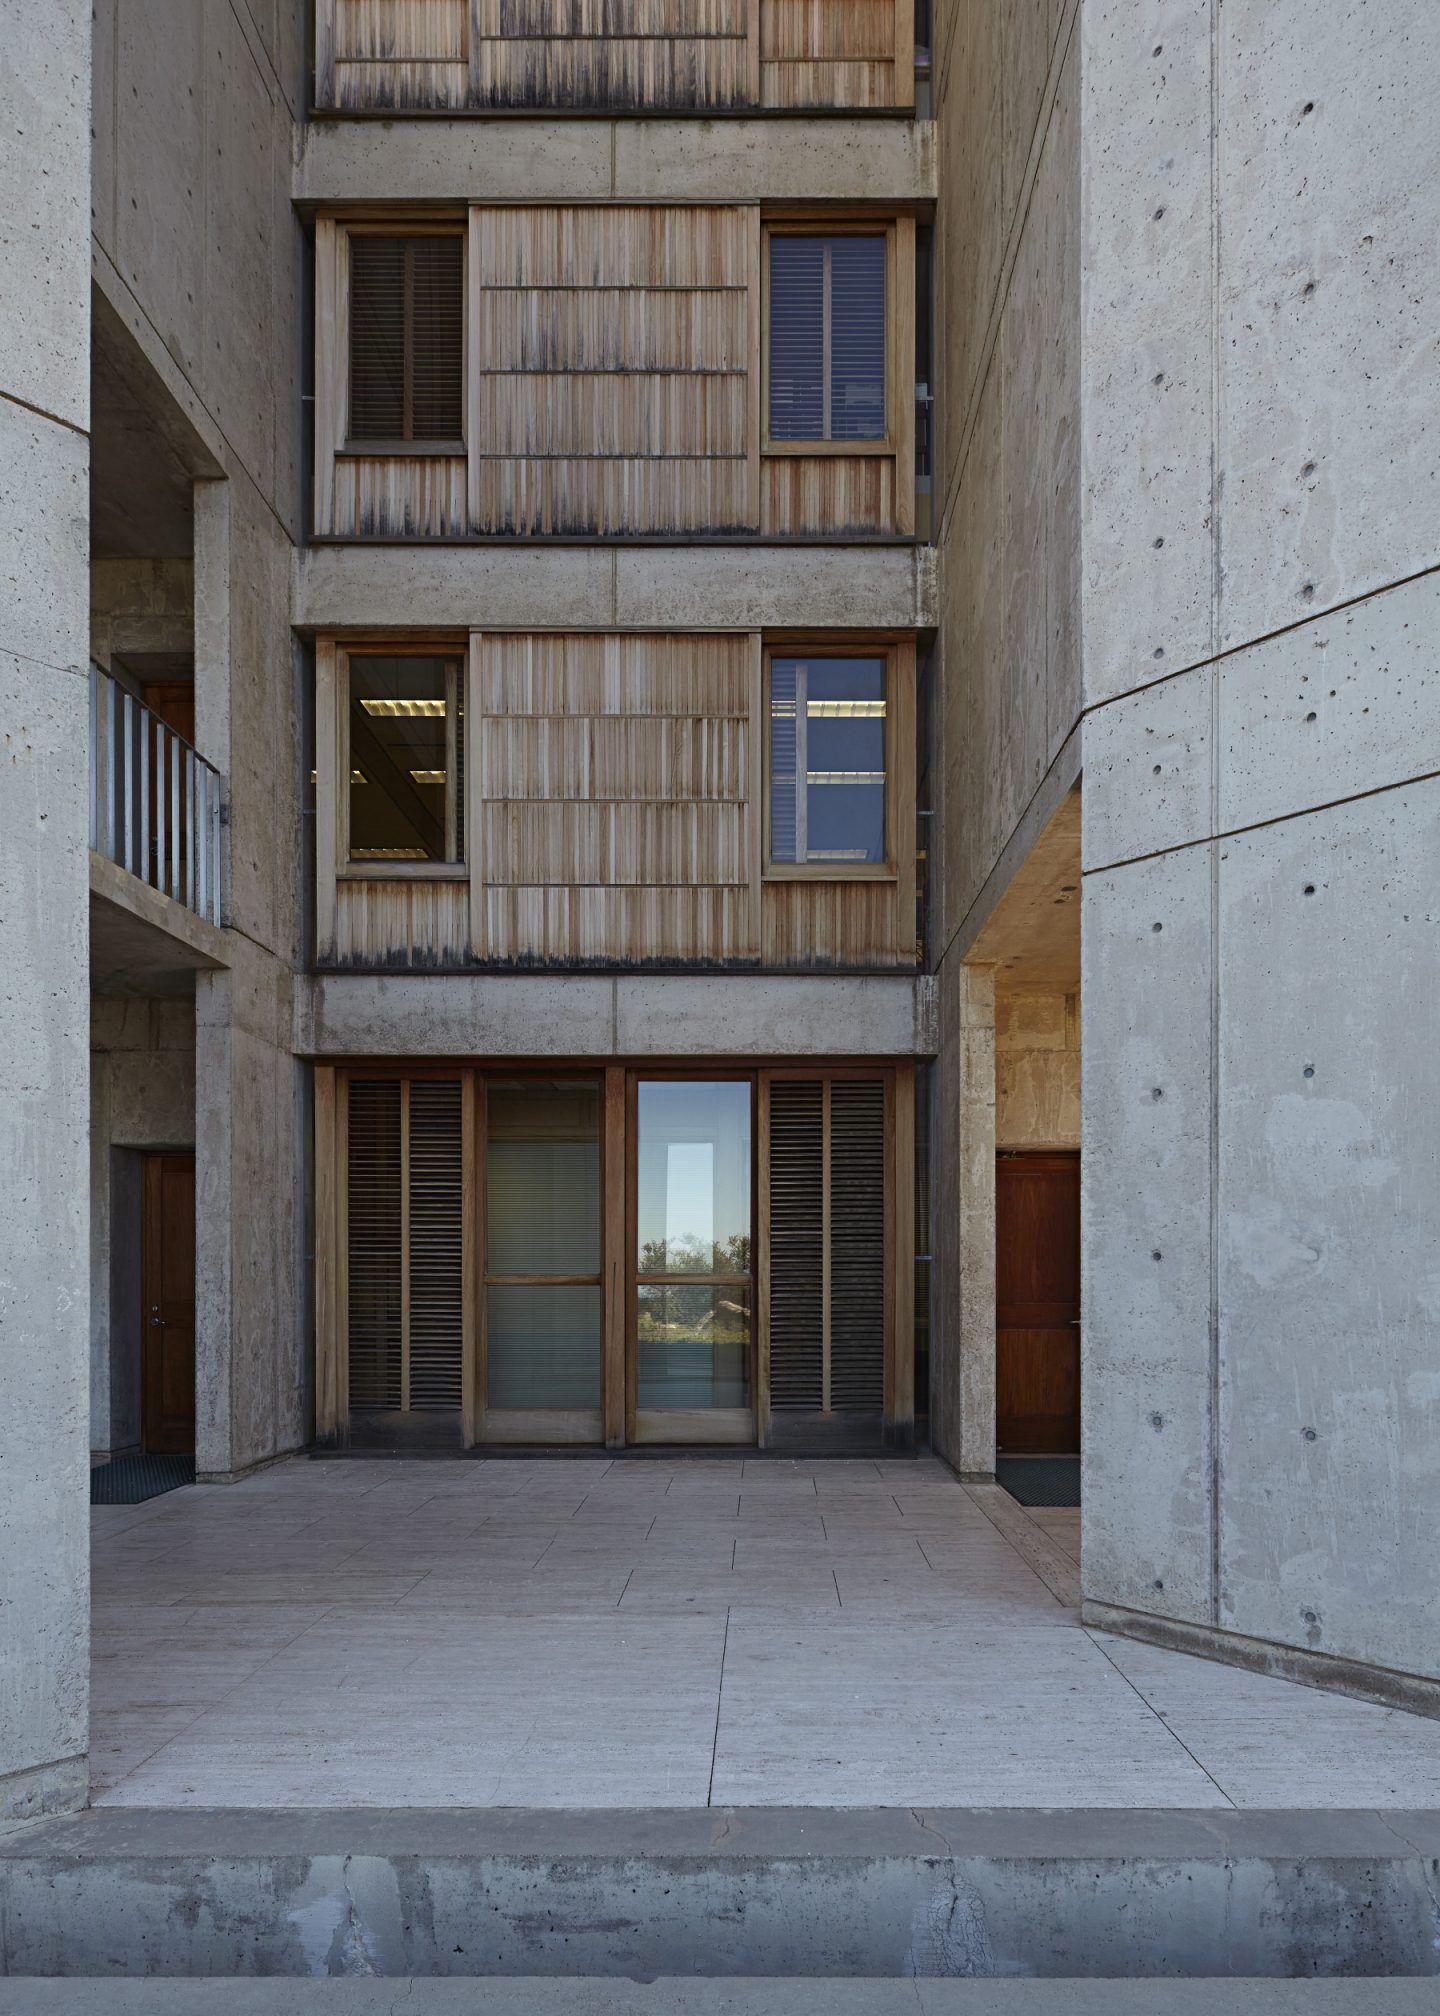 IGNANT-Architecture-Salk-Institute-Nils-Koenning-13